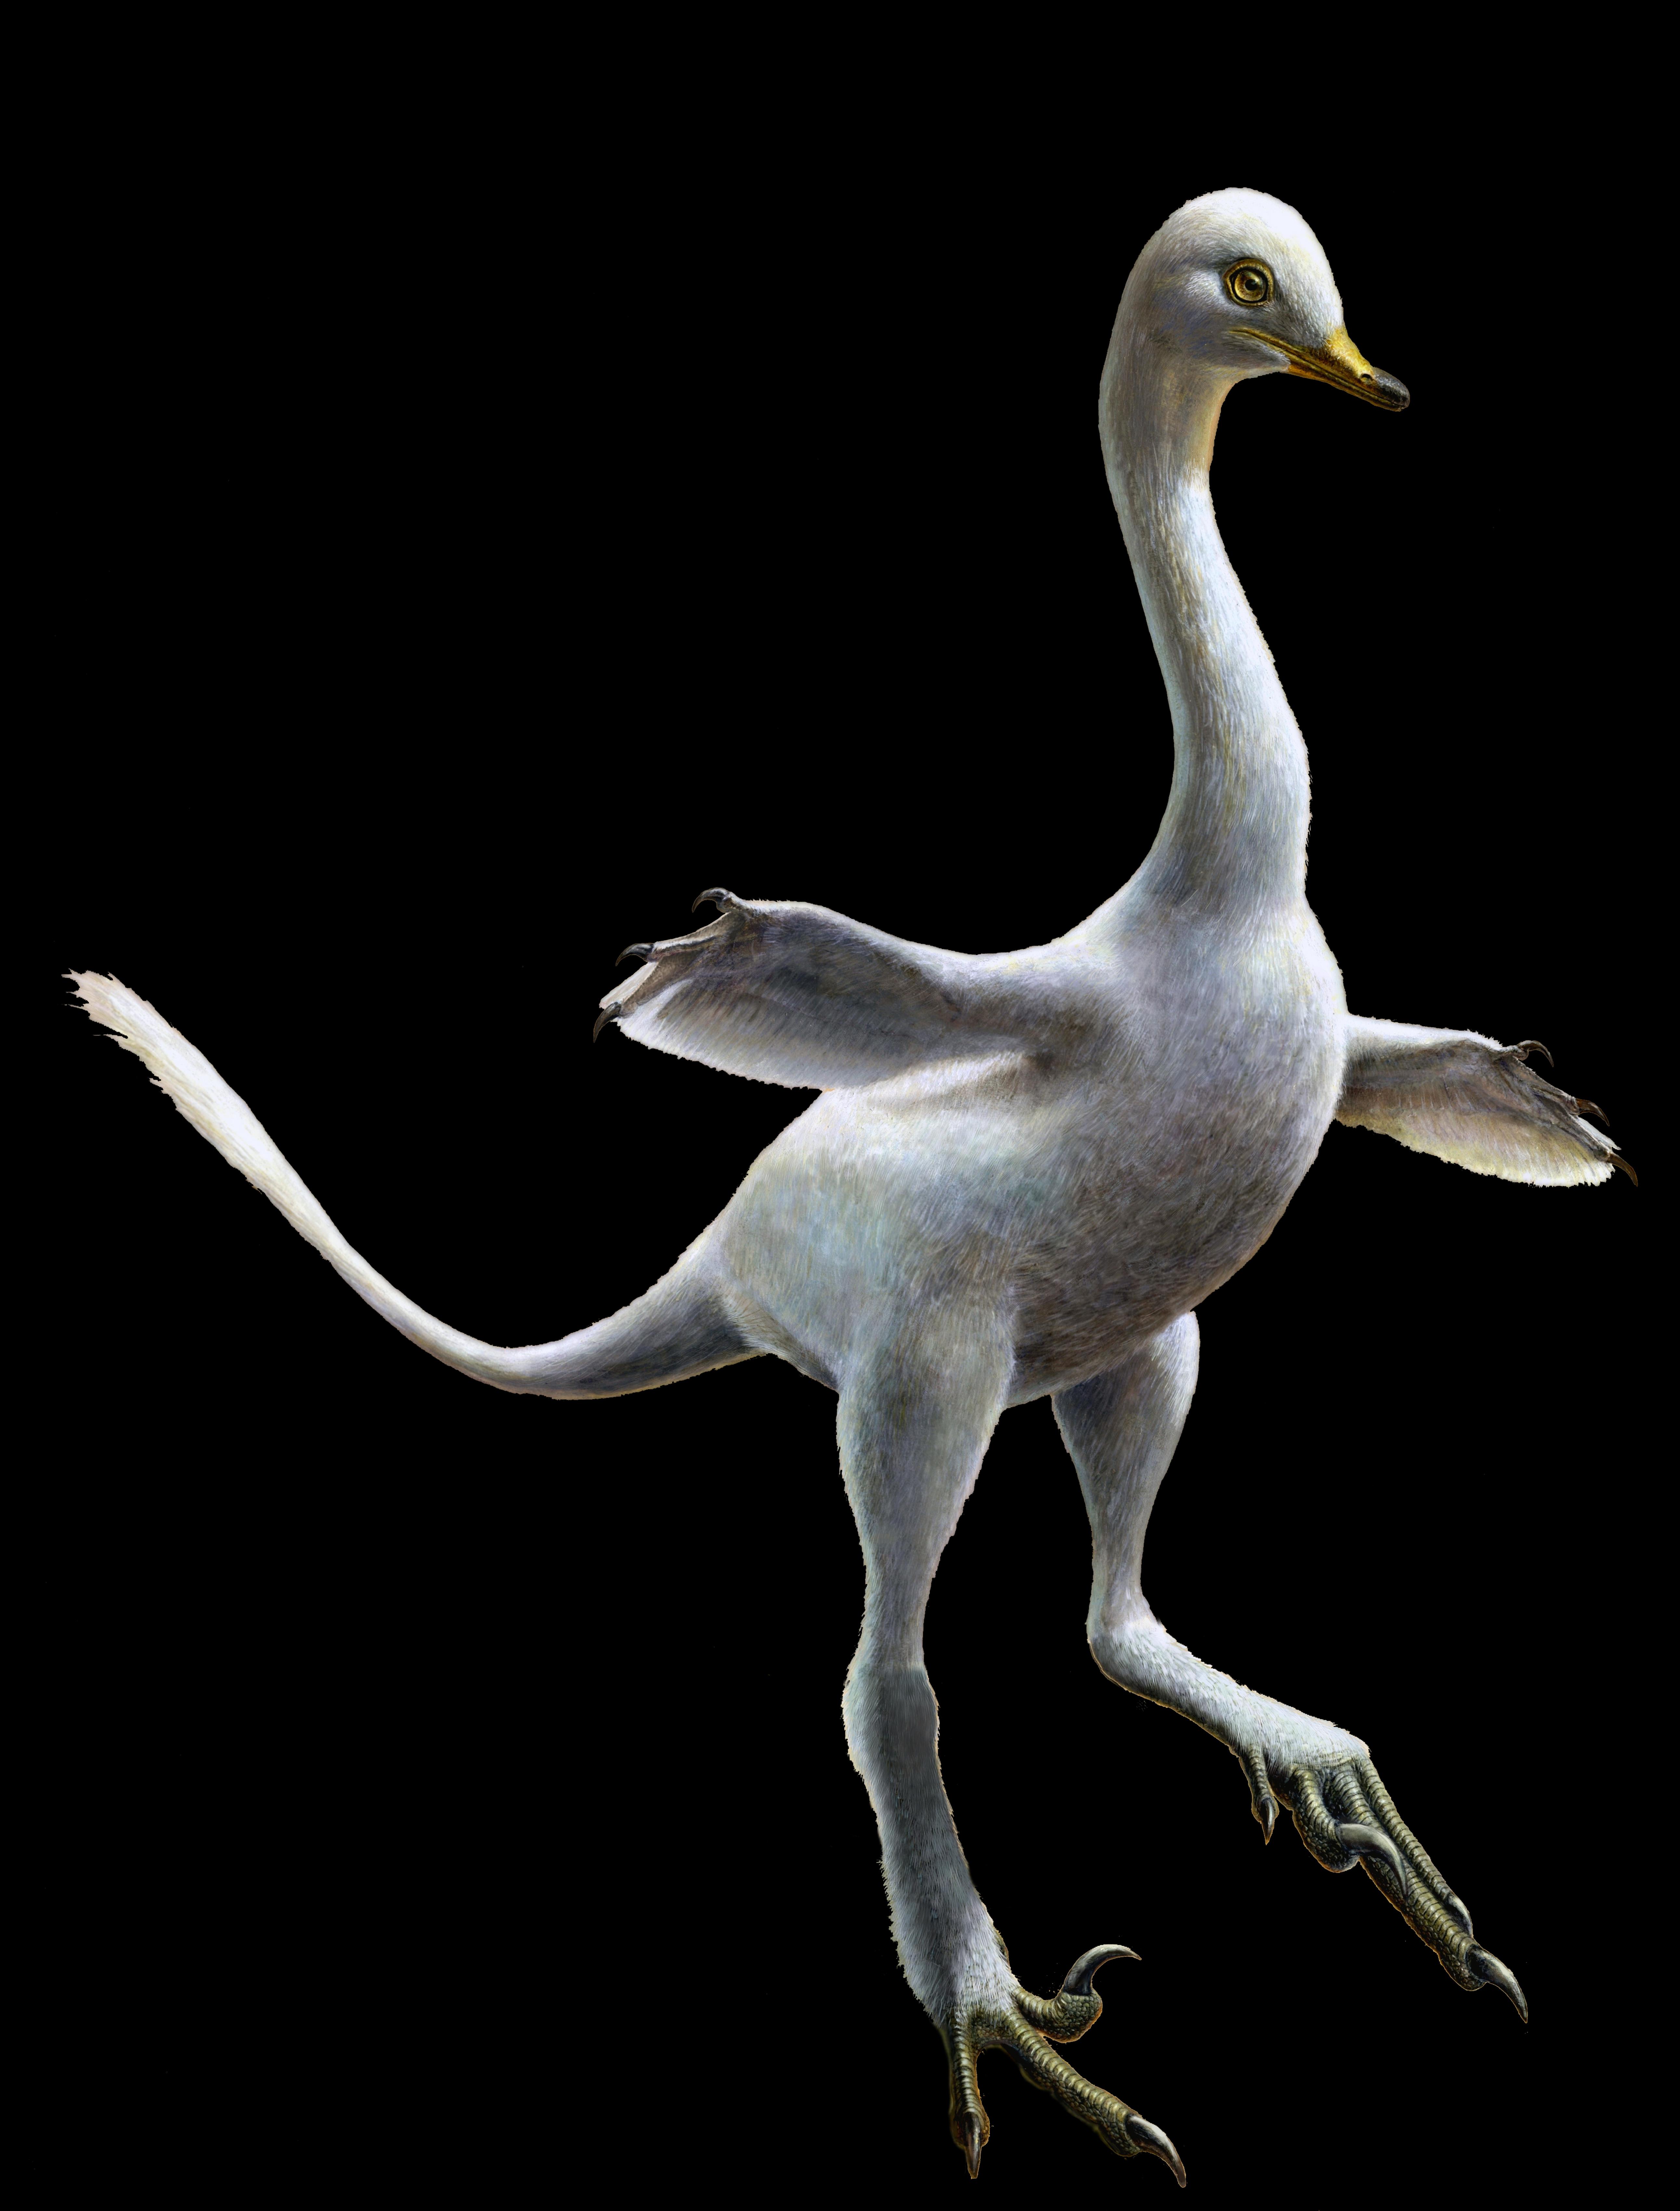 An artist's rendering of Halszkaraptor, an amphibious relative of Velociraptor.